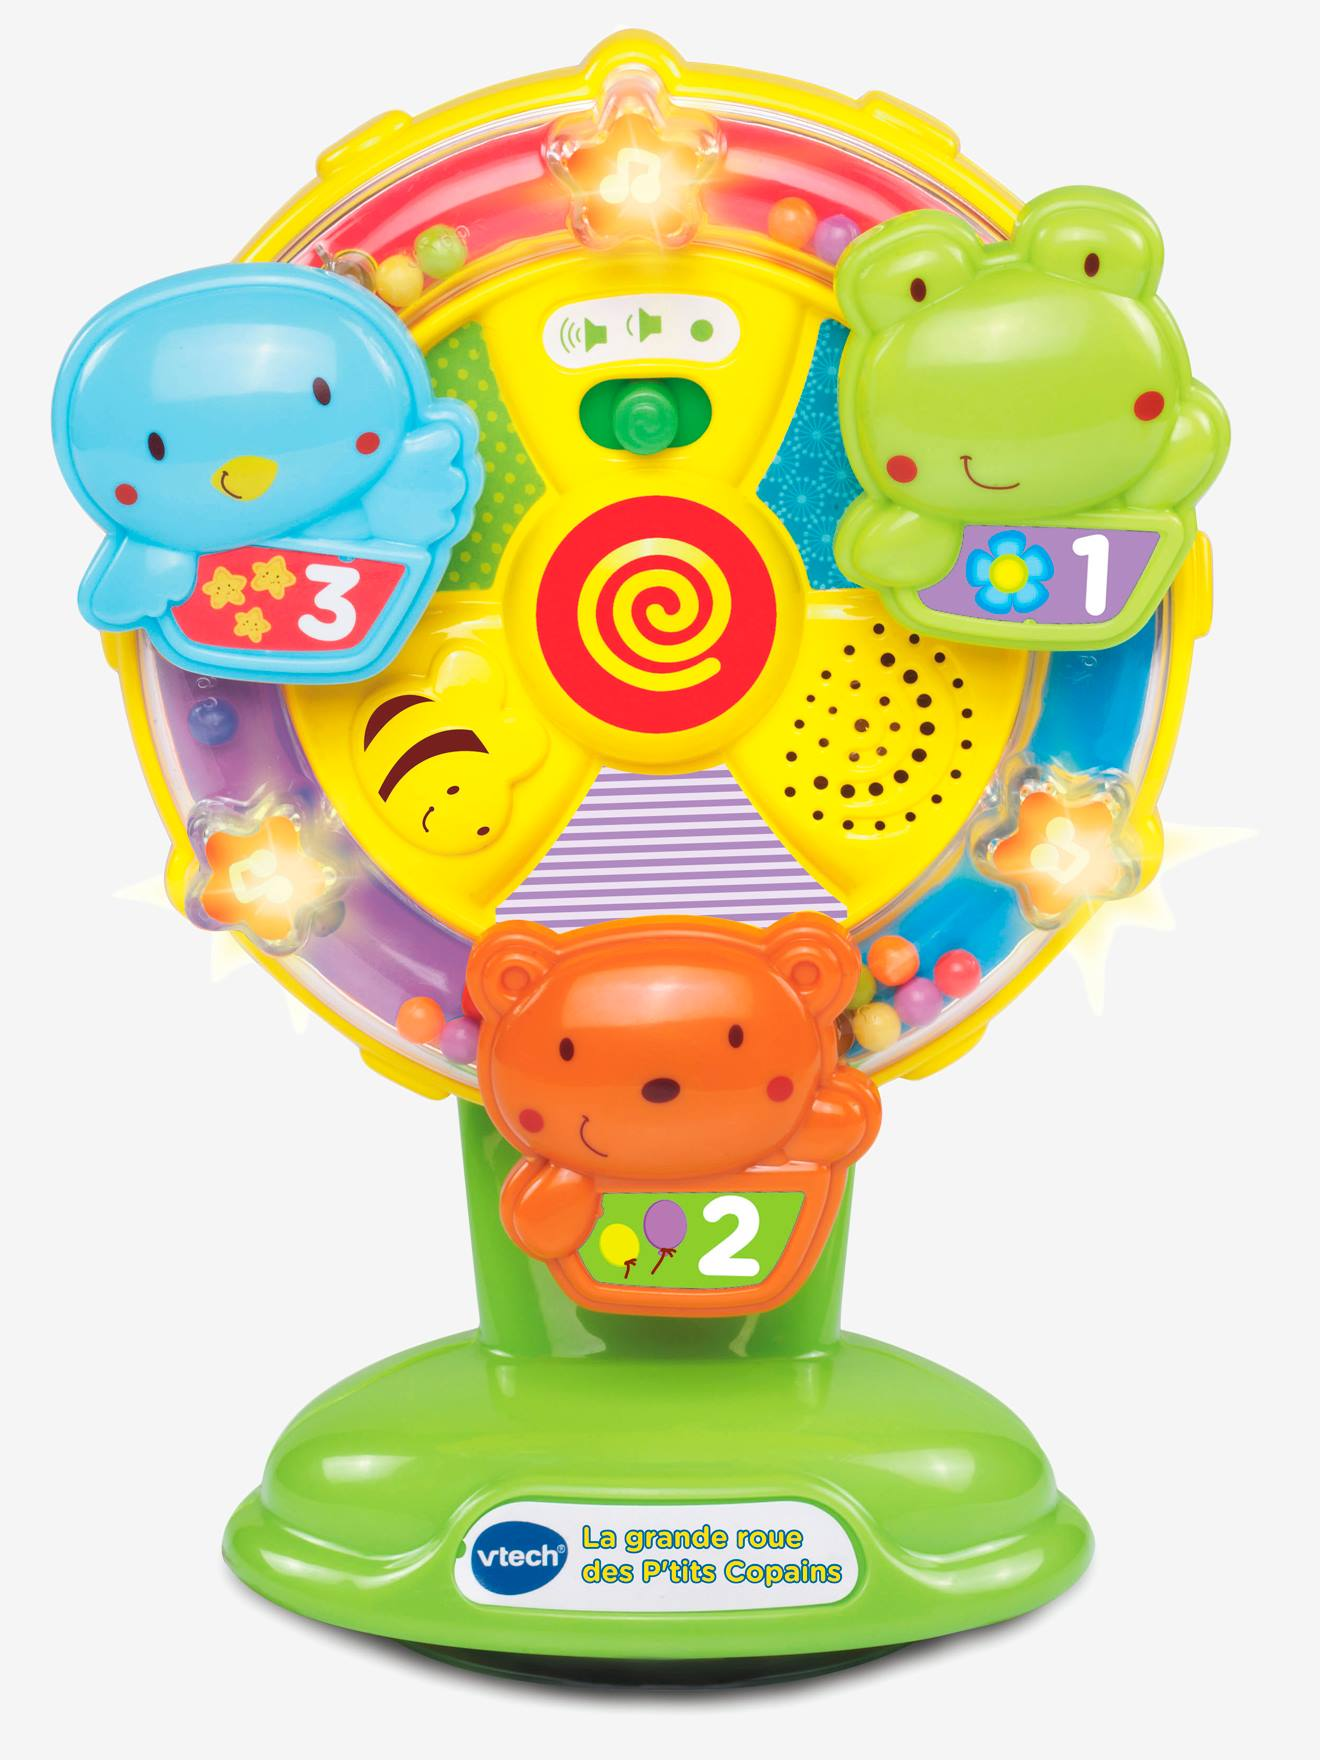 La grande roue des petits copains VTECH multicolore